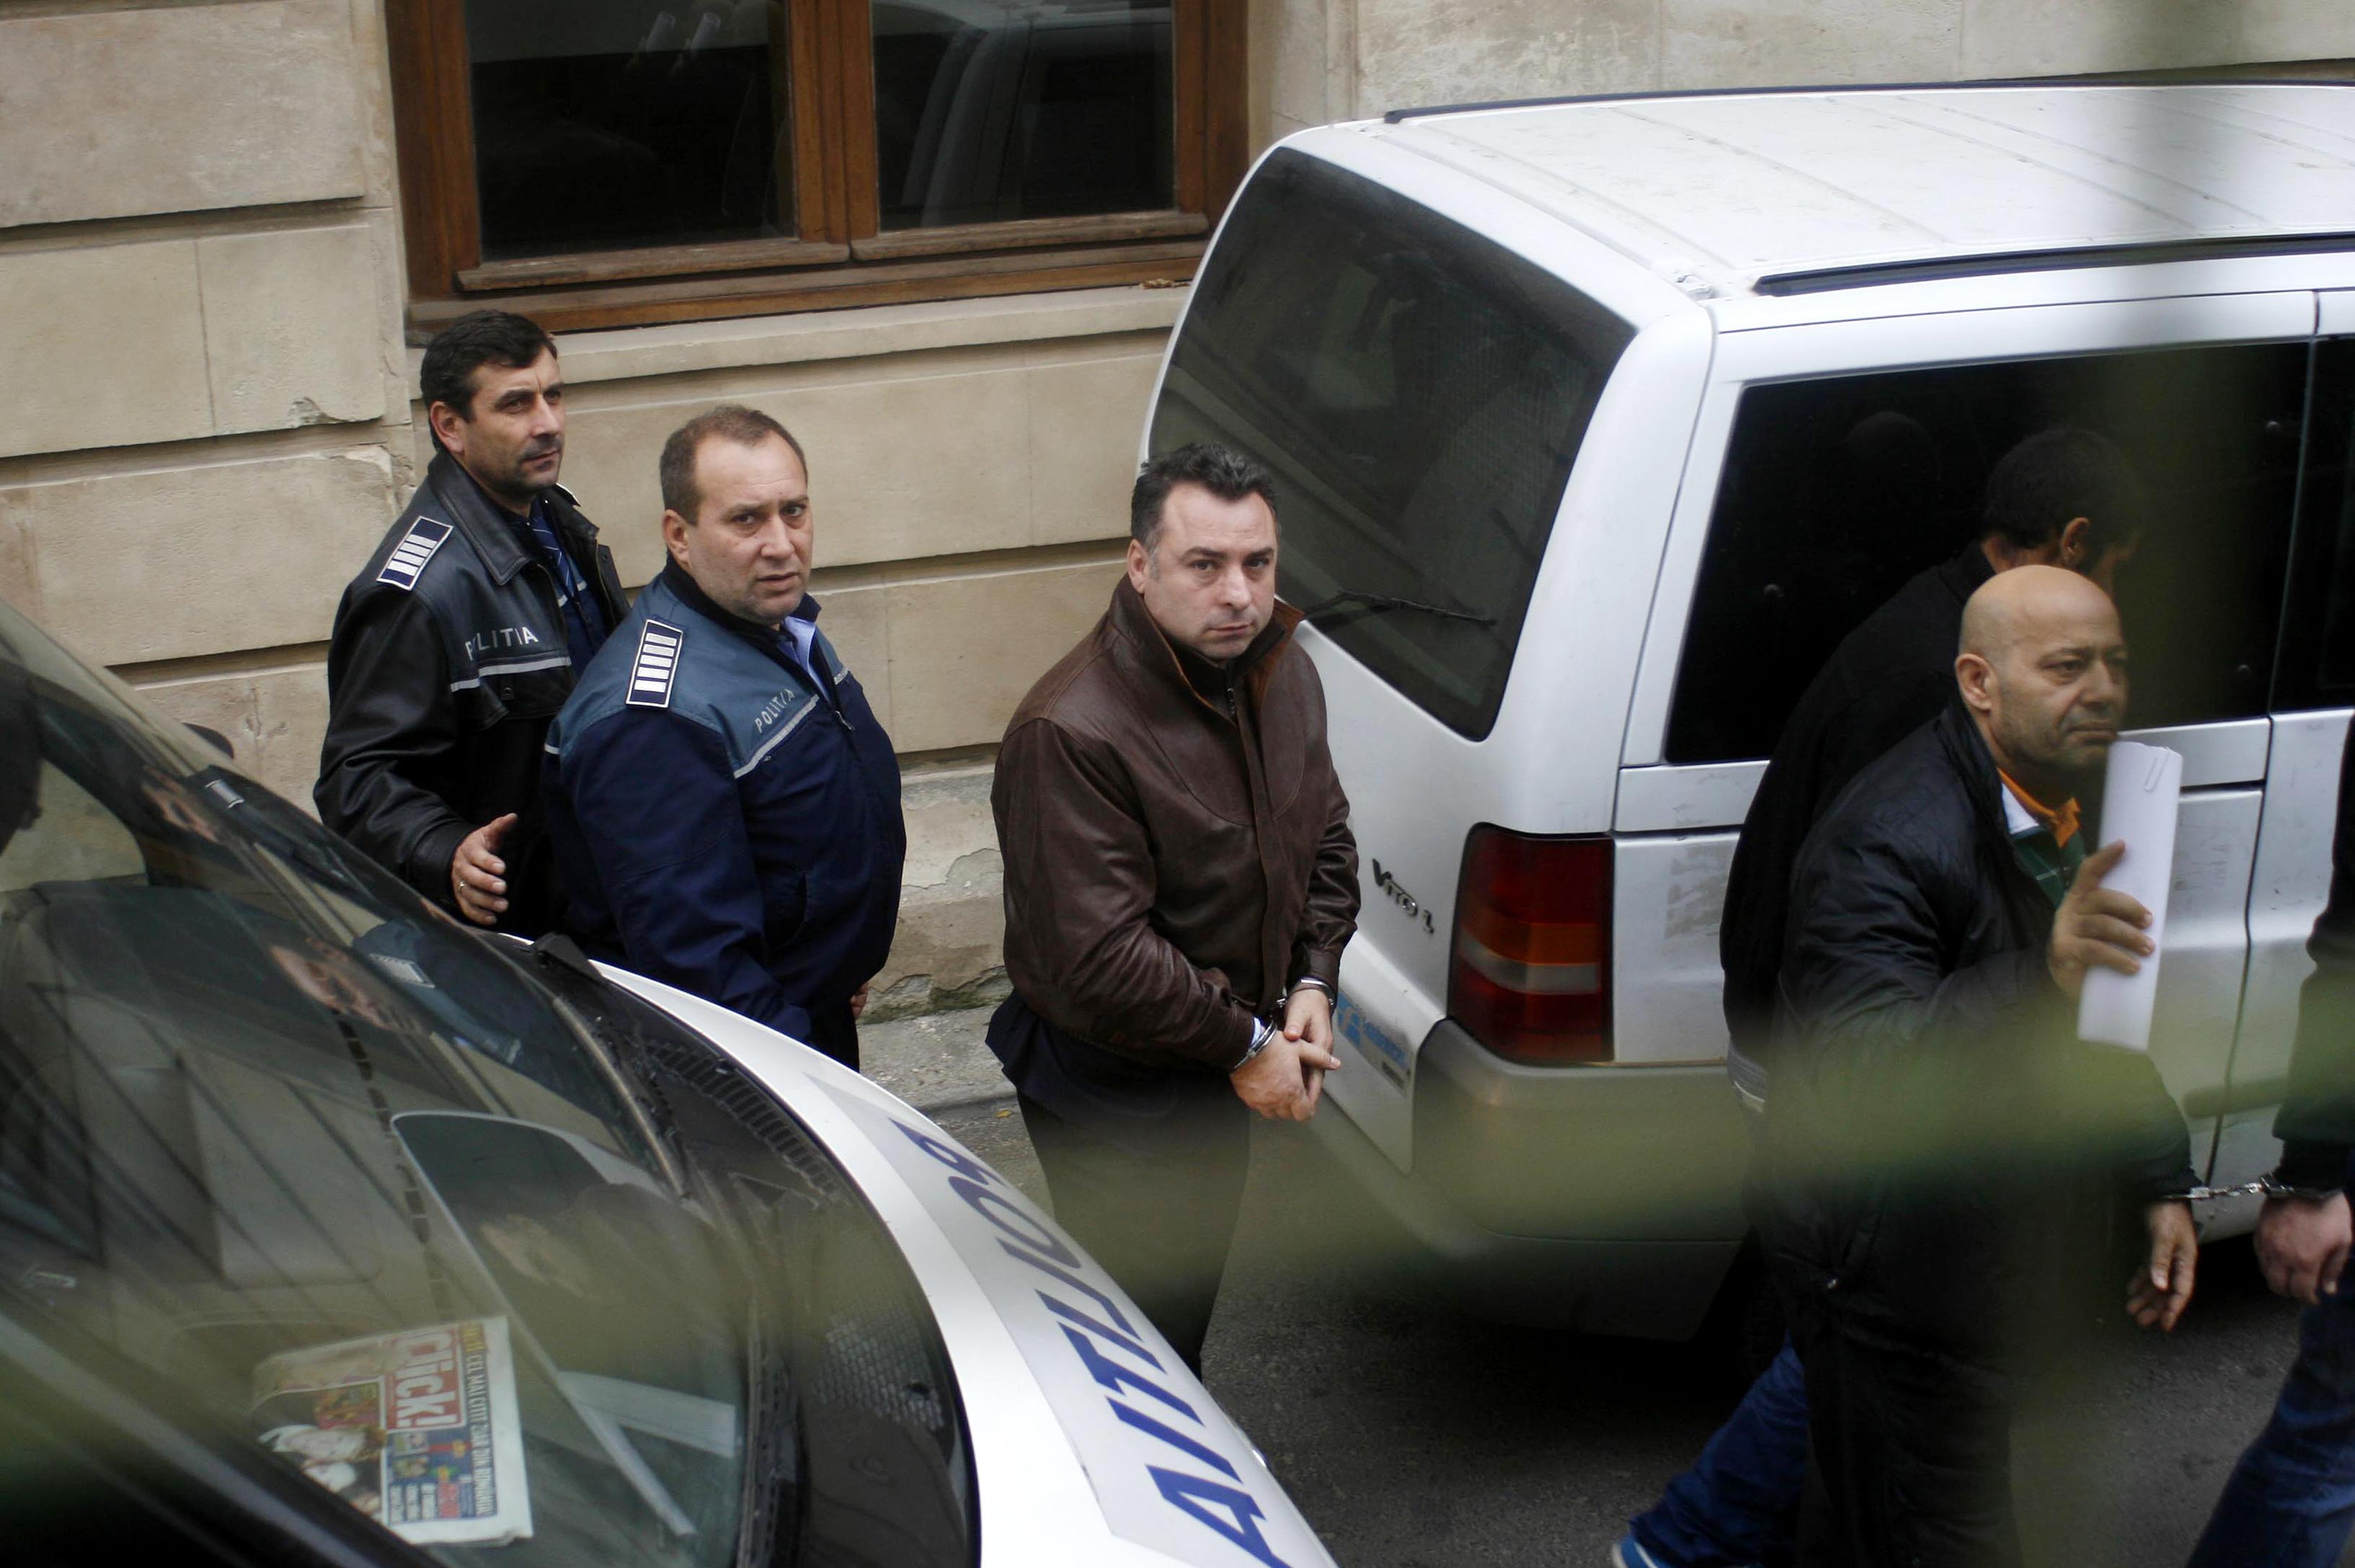 Primarul din Navodari, Nicolae Matei, a fost retinut de DNA intr-un al doilea dosar de coruptie